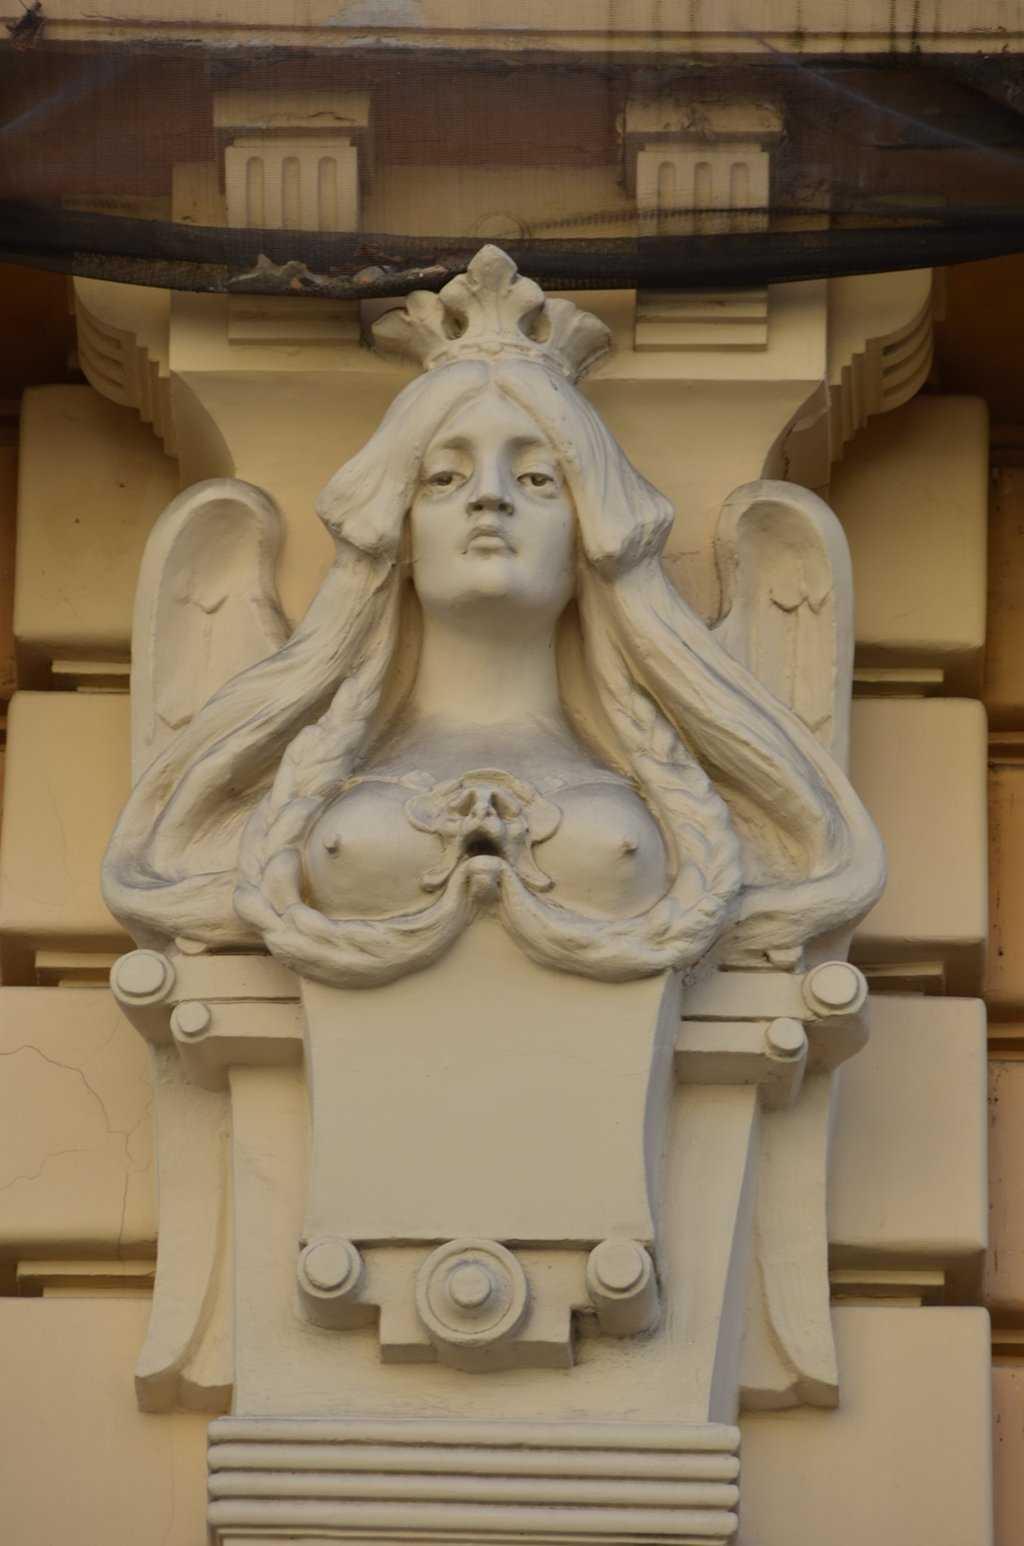 Alberta iela 13 adresindeki Art Nouveau apartmanındaki güzelliği temsil eden sayısız kadın figürlerinden biri…